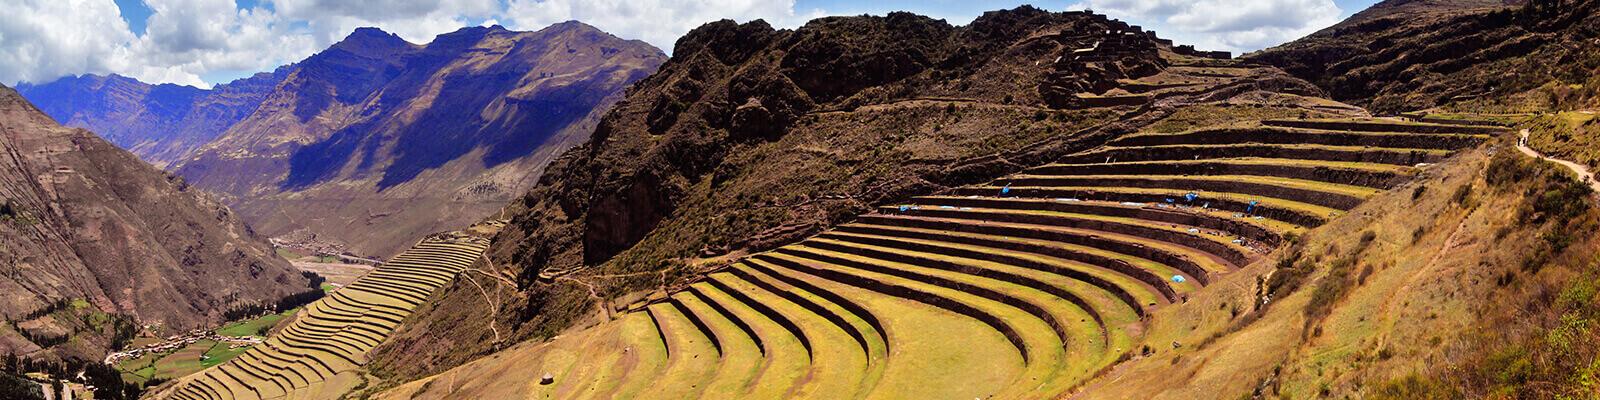 pisac-tour-cusco-machu-picchu-andes-tours